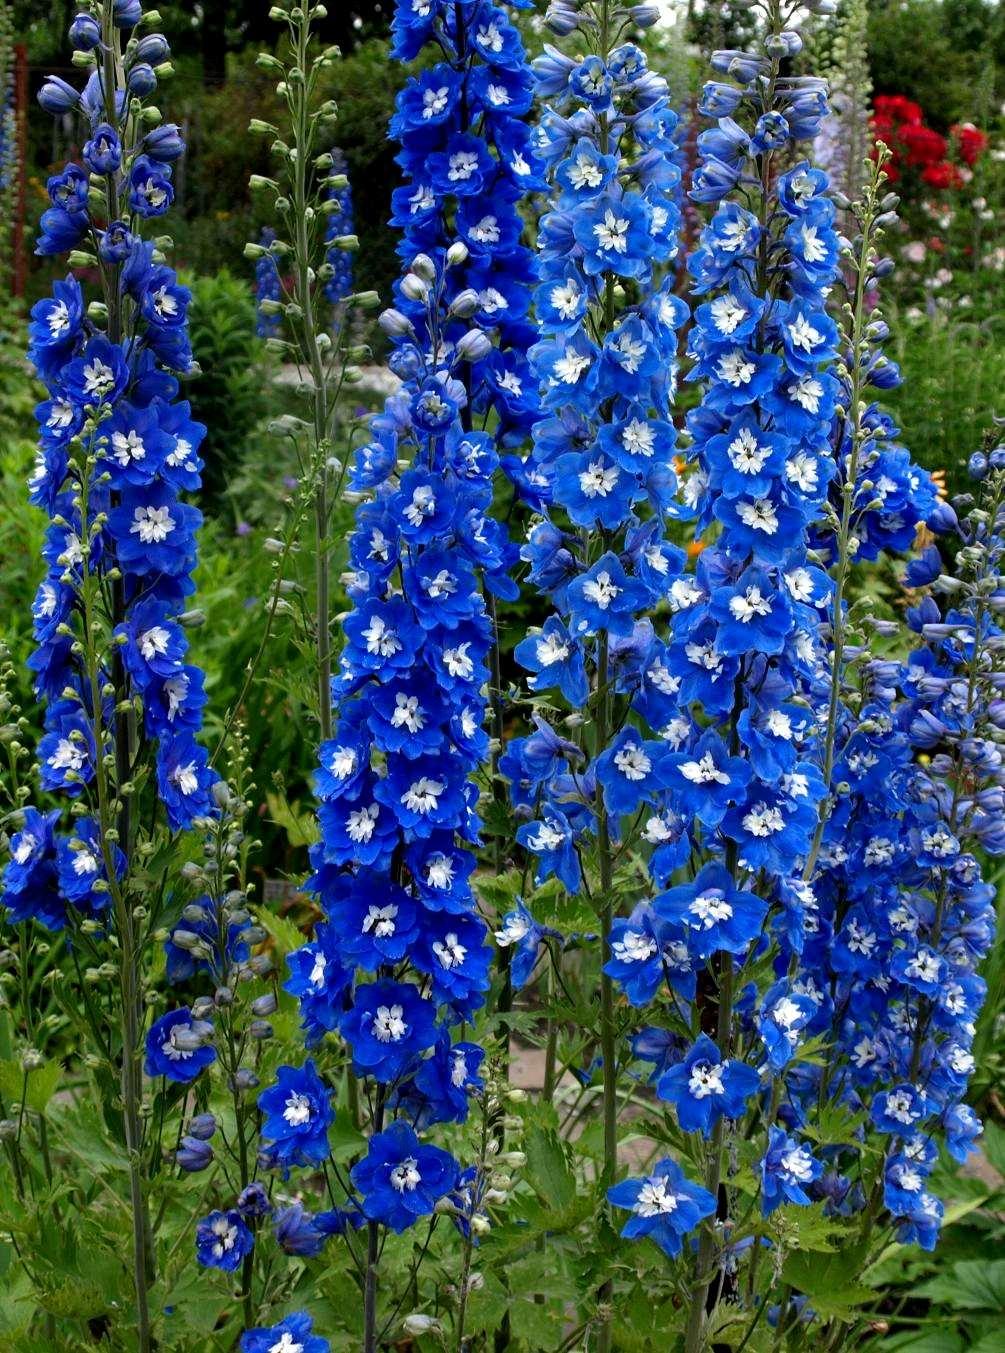 Ostróżka Pacific Blue Bird - wieloletnia roślina ogrodowa o niebieskich kwiatach